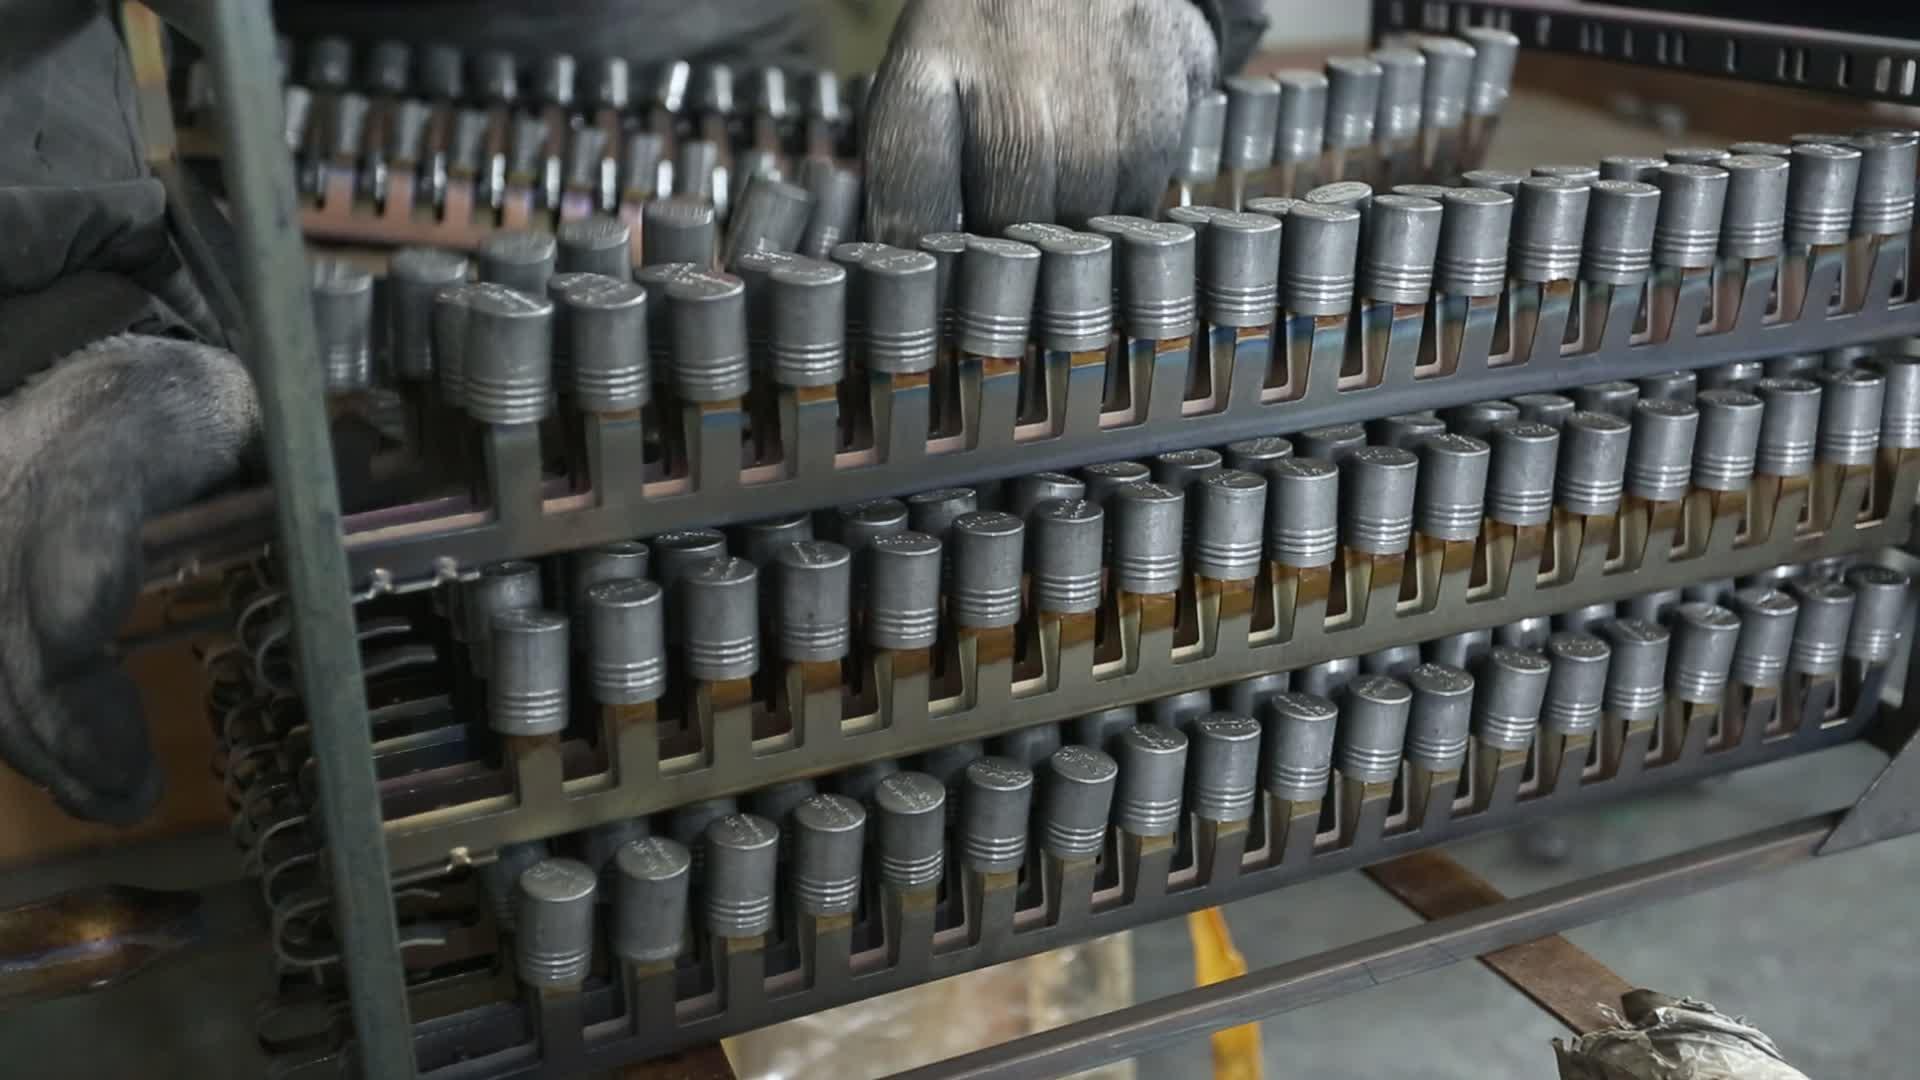 Sang trọng nhôm chai parfum đóng gói chai 100 ml vàng phụ nữ nước hoa chai nhà sản xuất ưa thích